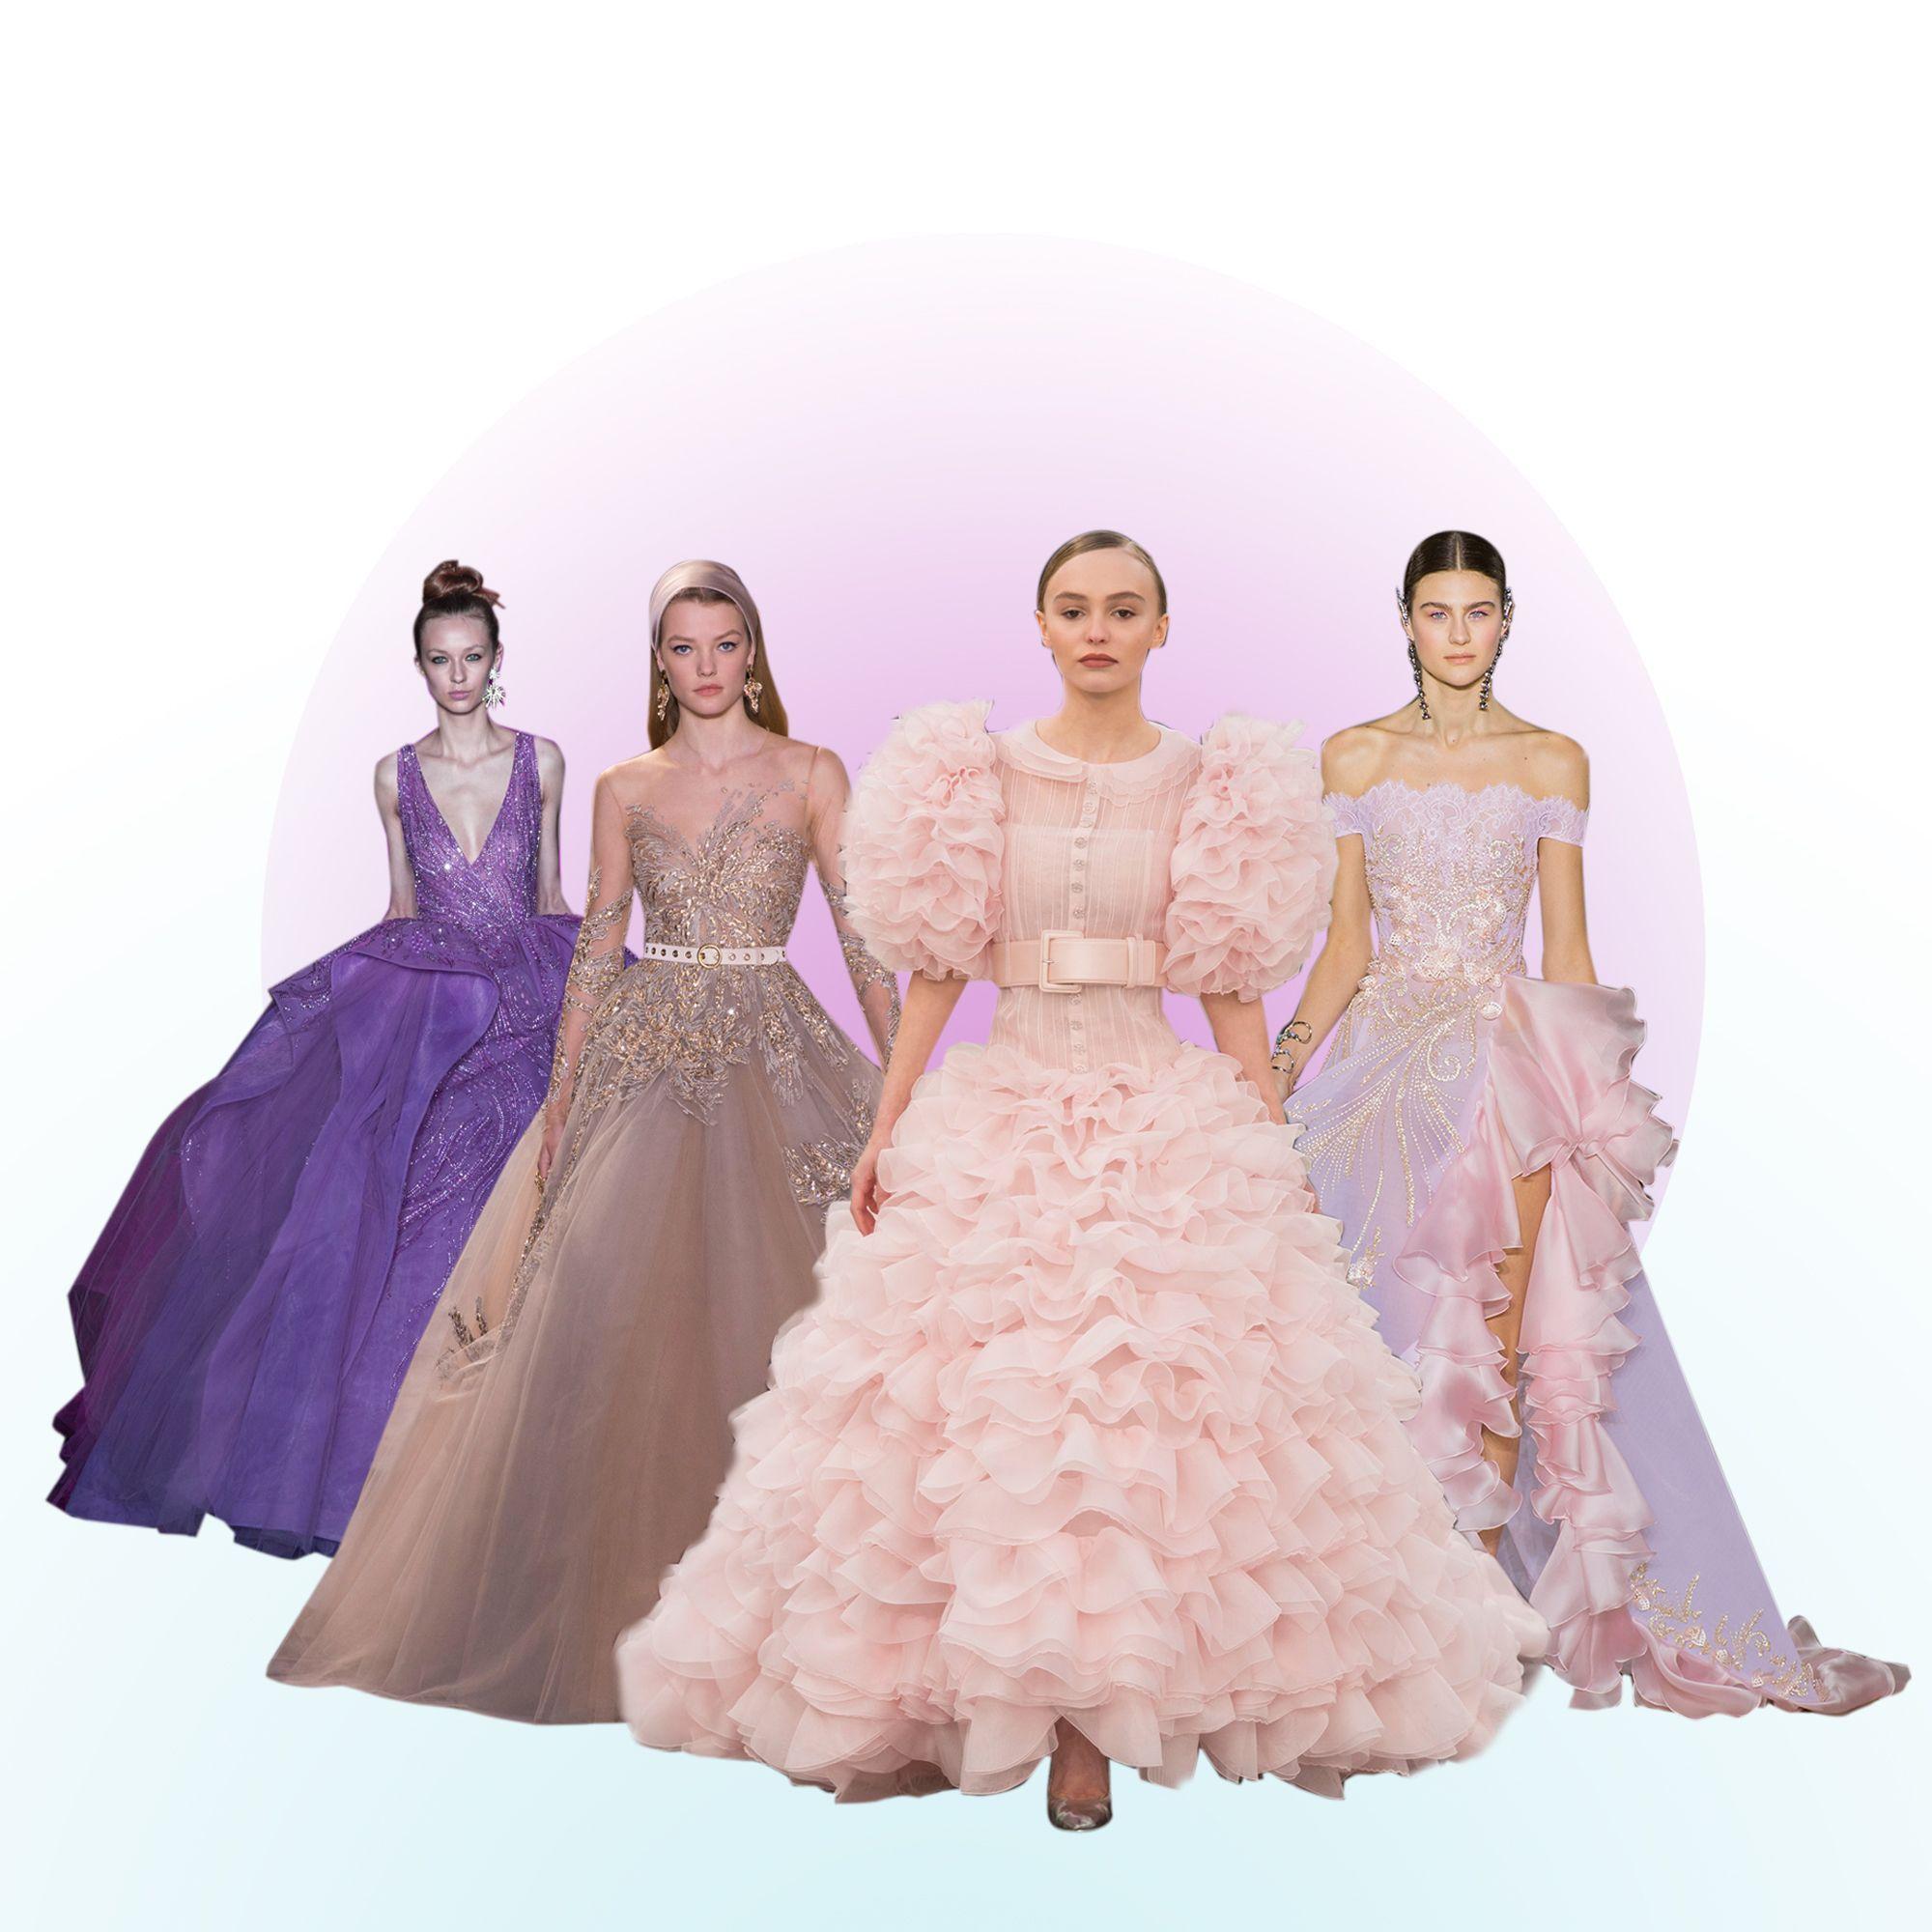 robe de bal les plus belles robes de bal vues sur les d fil s elle. Black Bedroom Furniture Sets. Home Design Ideas